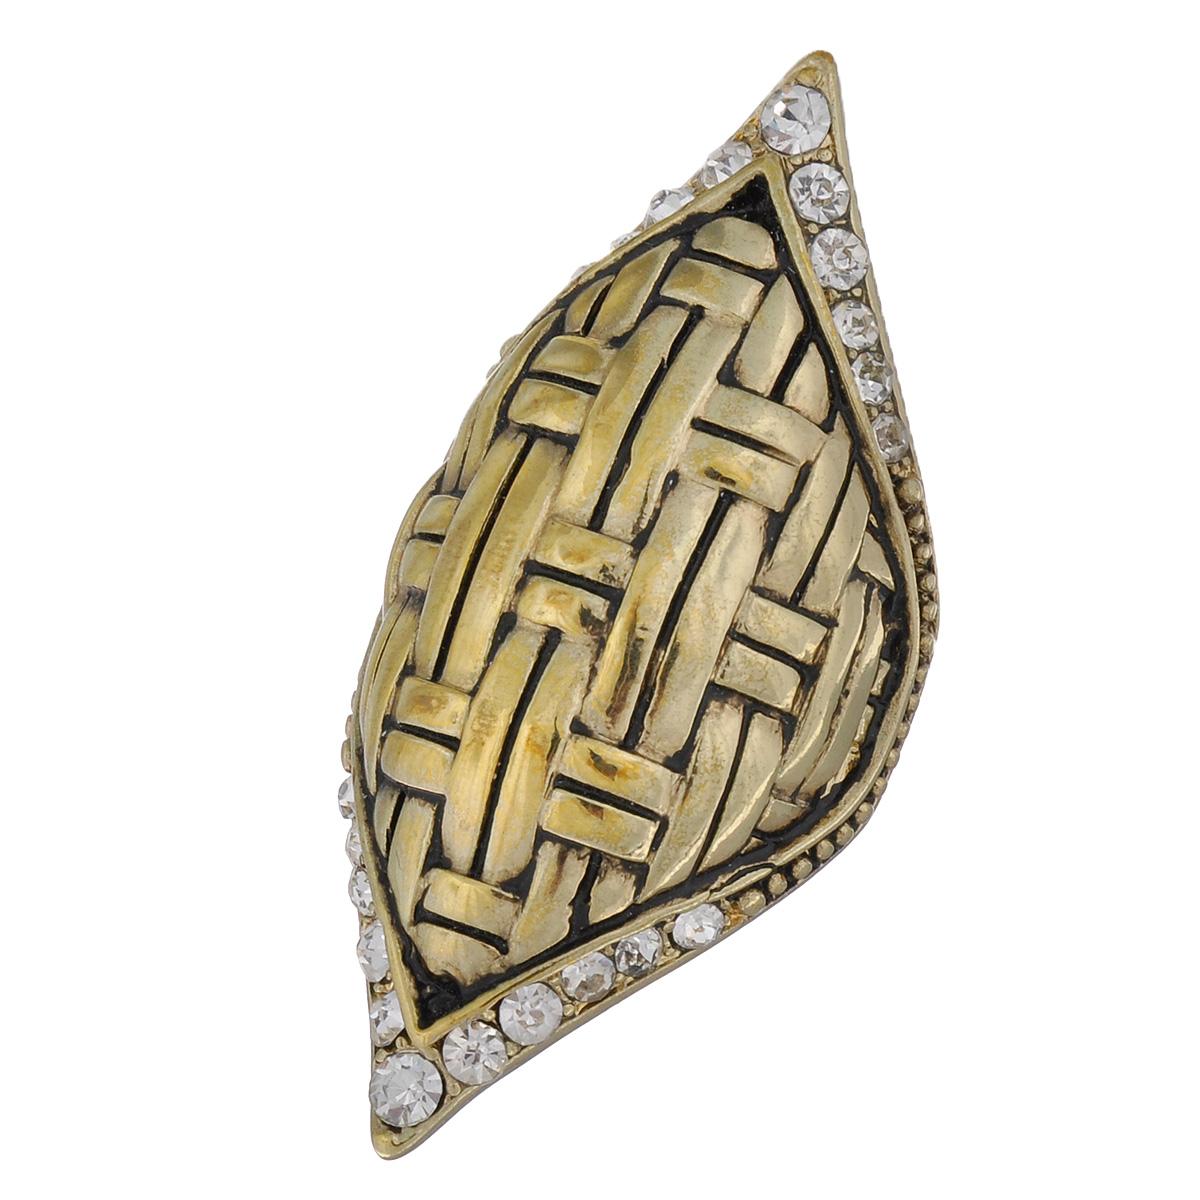 Кольцо Avgad, цвет: золотистый. EA178JW165EA178JW165Оригинальное кольцо Avgad выполненное из ювелирного сплава оформлено рельефом и стразами. Элементы кольца соединены с помощью тонкой резинки, благодаря этому оно легко одевается и снимается. Размер универсальный. Кольцо позволит вам с легкостью воплотить самую смелую фантазию и создать собственный, неповторимый образ.